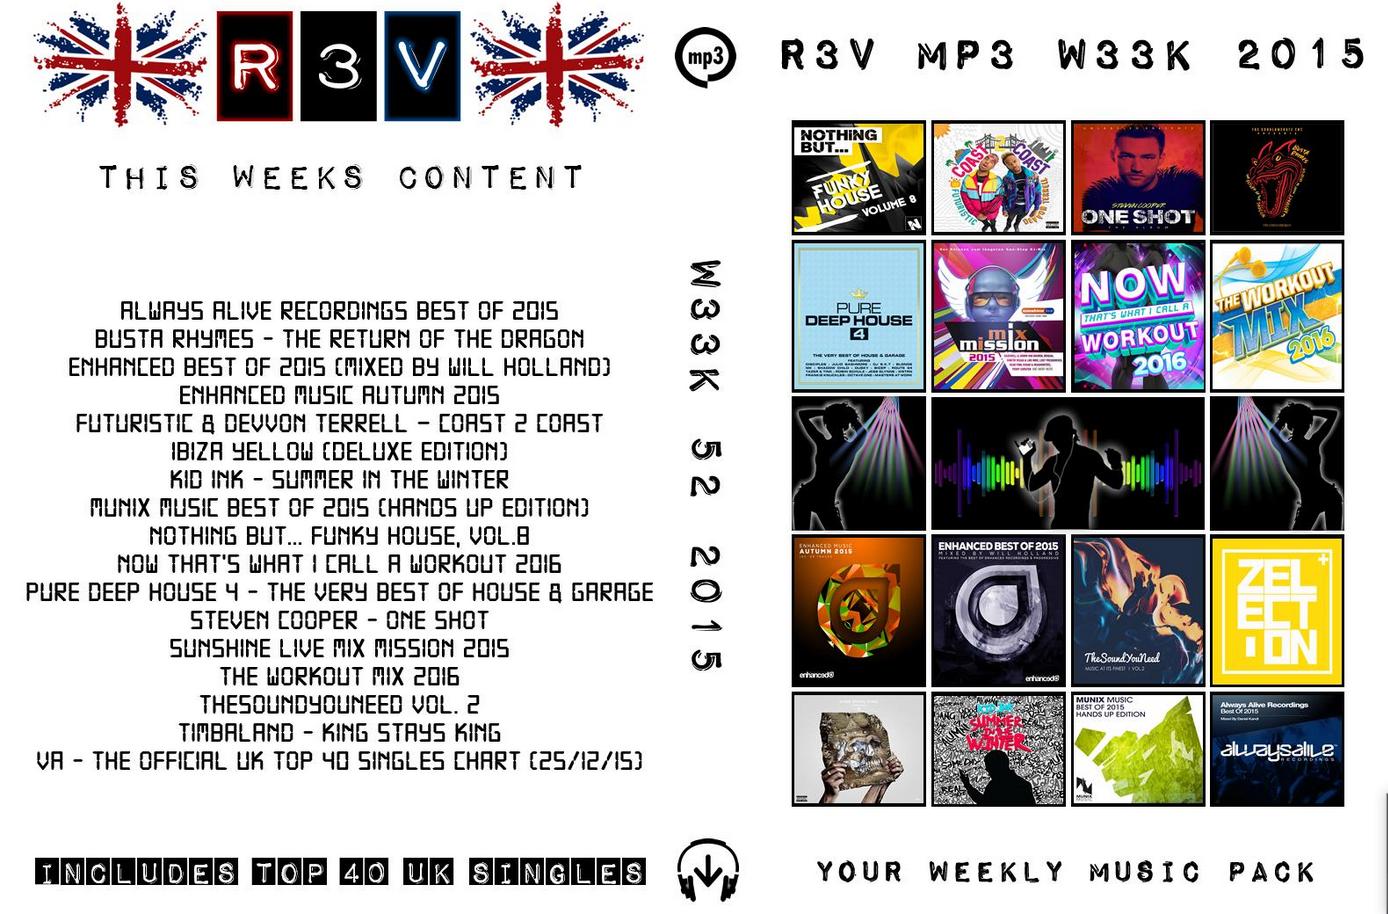 R3V MP3 WEEK 52 2015